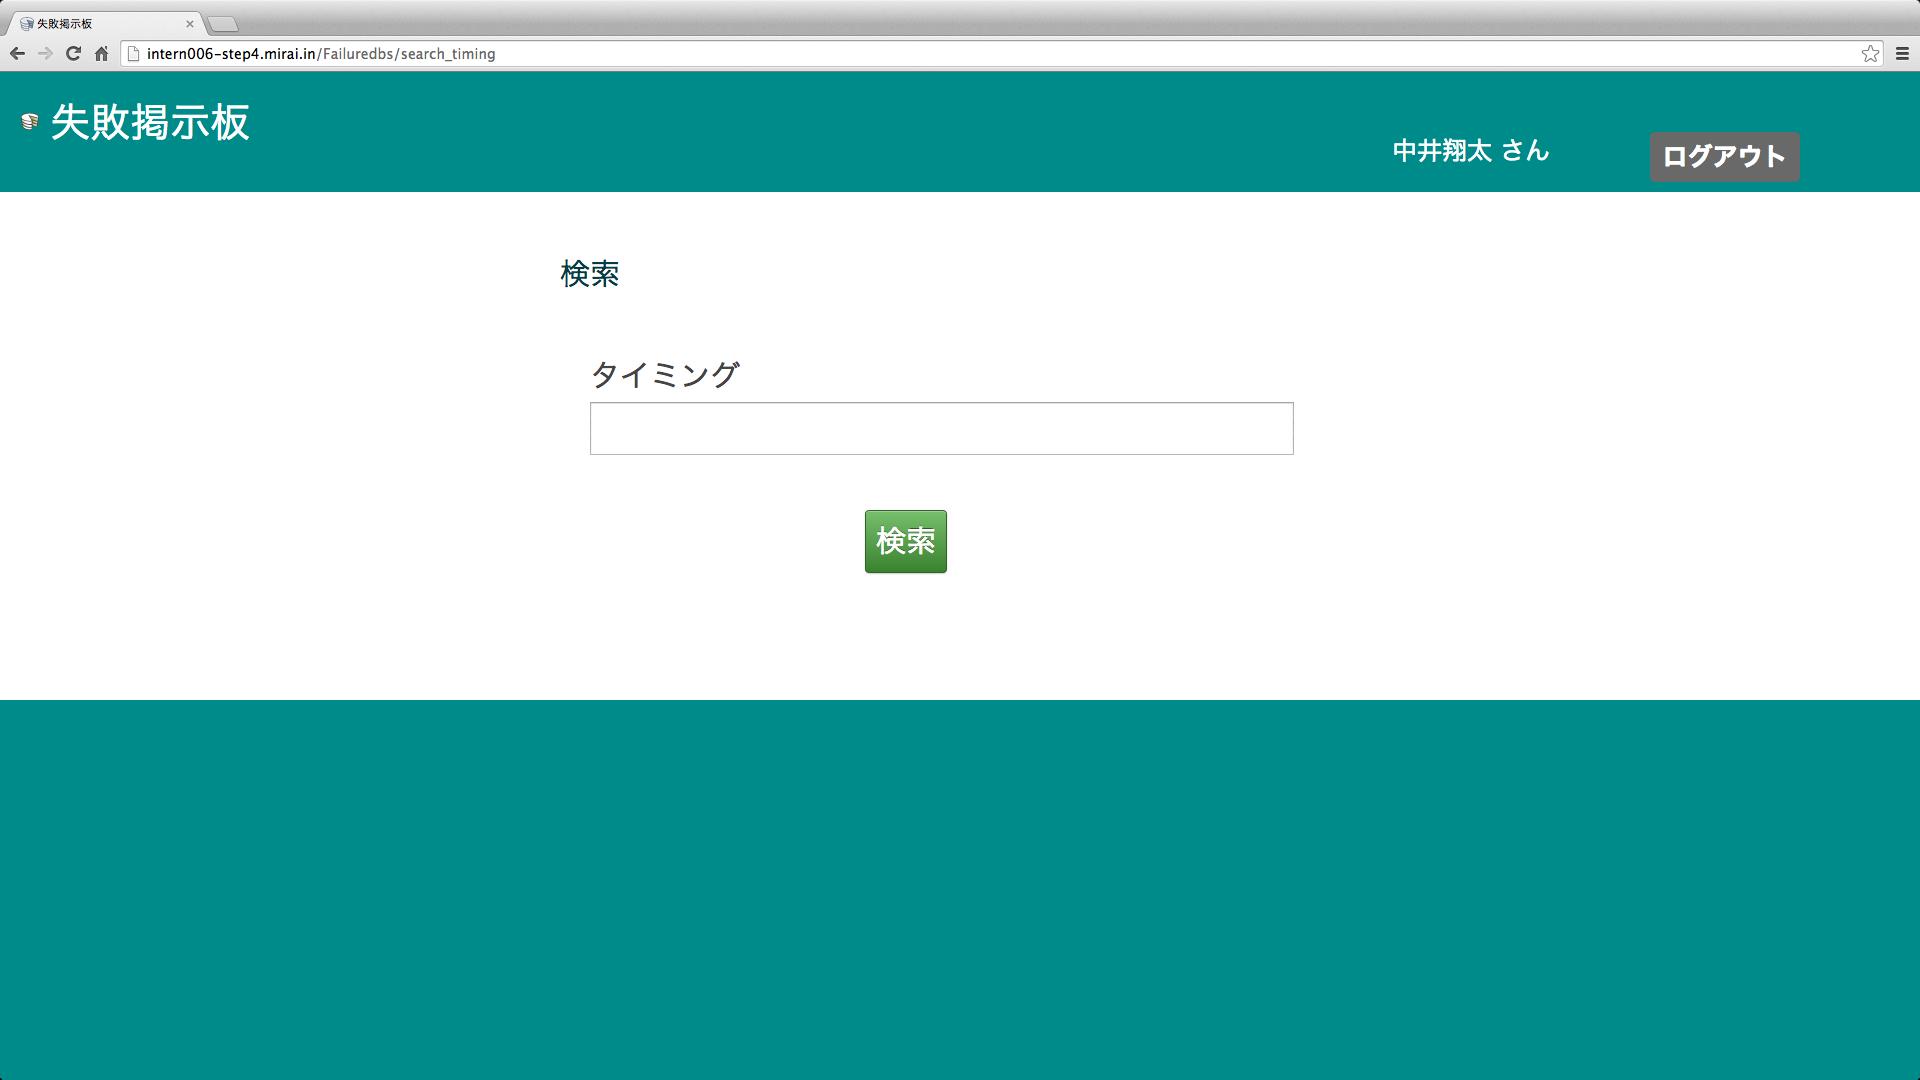 スクリーンショット 2014-09-19 16.18.28(2)